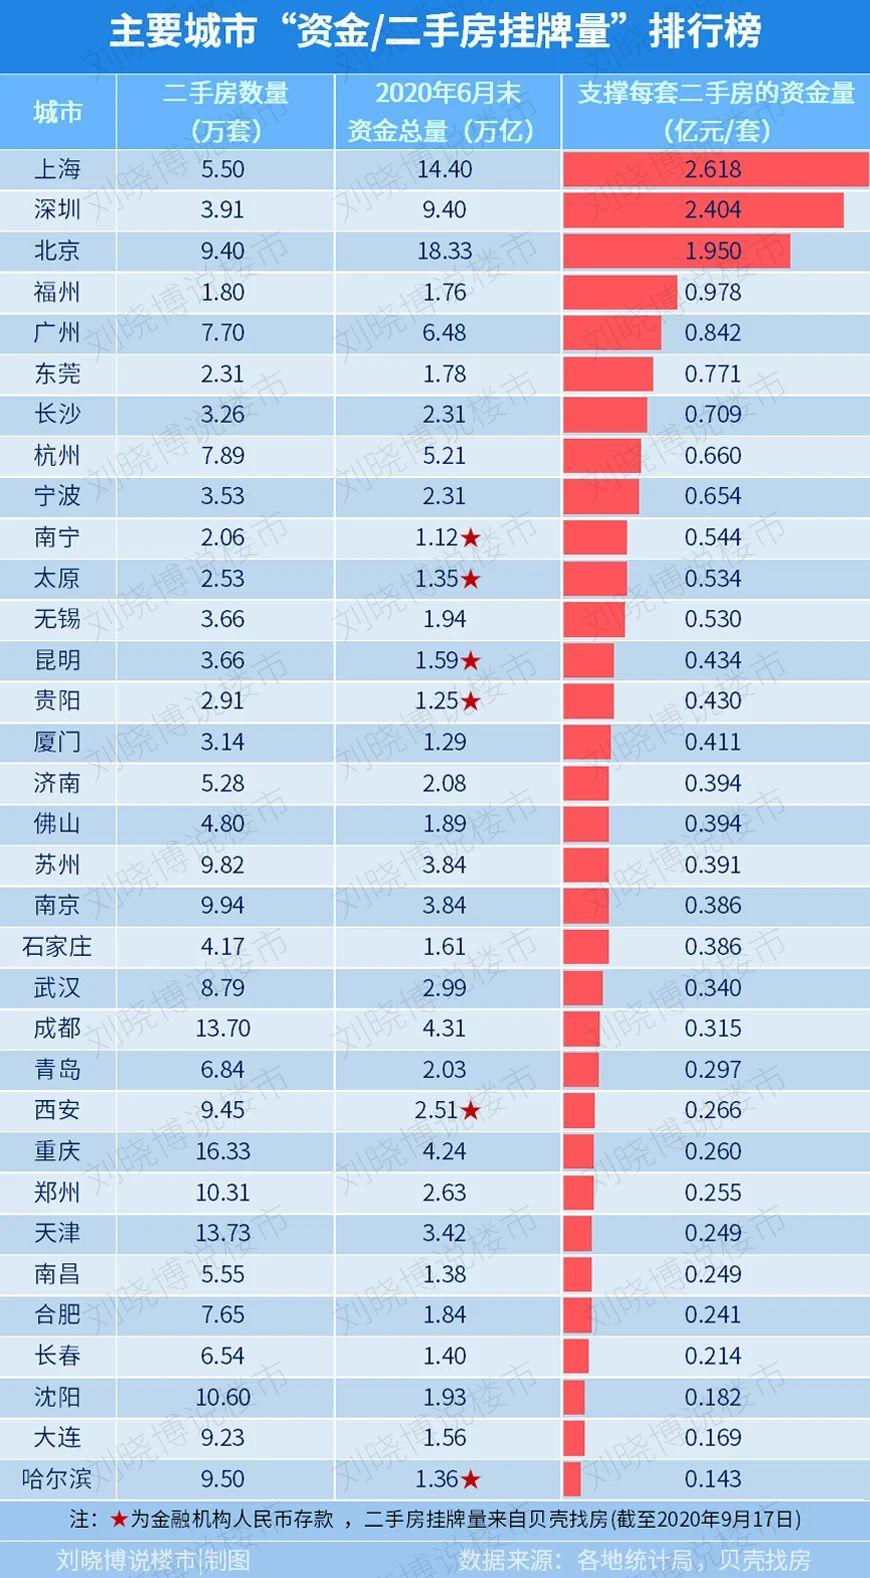 """哪些城市的房子,可能""""套住你""""? 原创 刘晓博说楼市 2020-09-22 16:52:33 刘晓博/文  今天想谈一下二手房的""""流动性""""。  资产的流动性非常重要,它构成了价格的一部分。这很容易理解"""